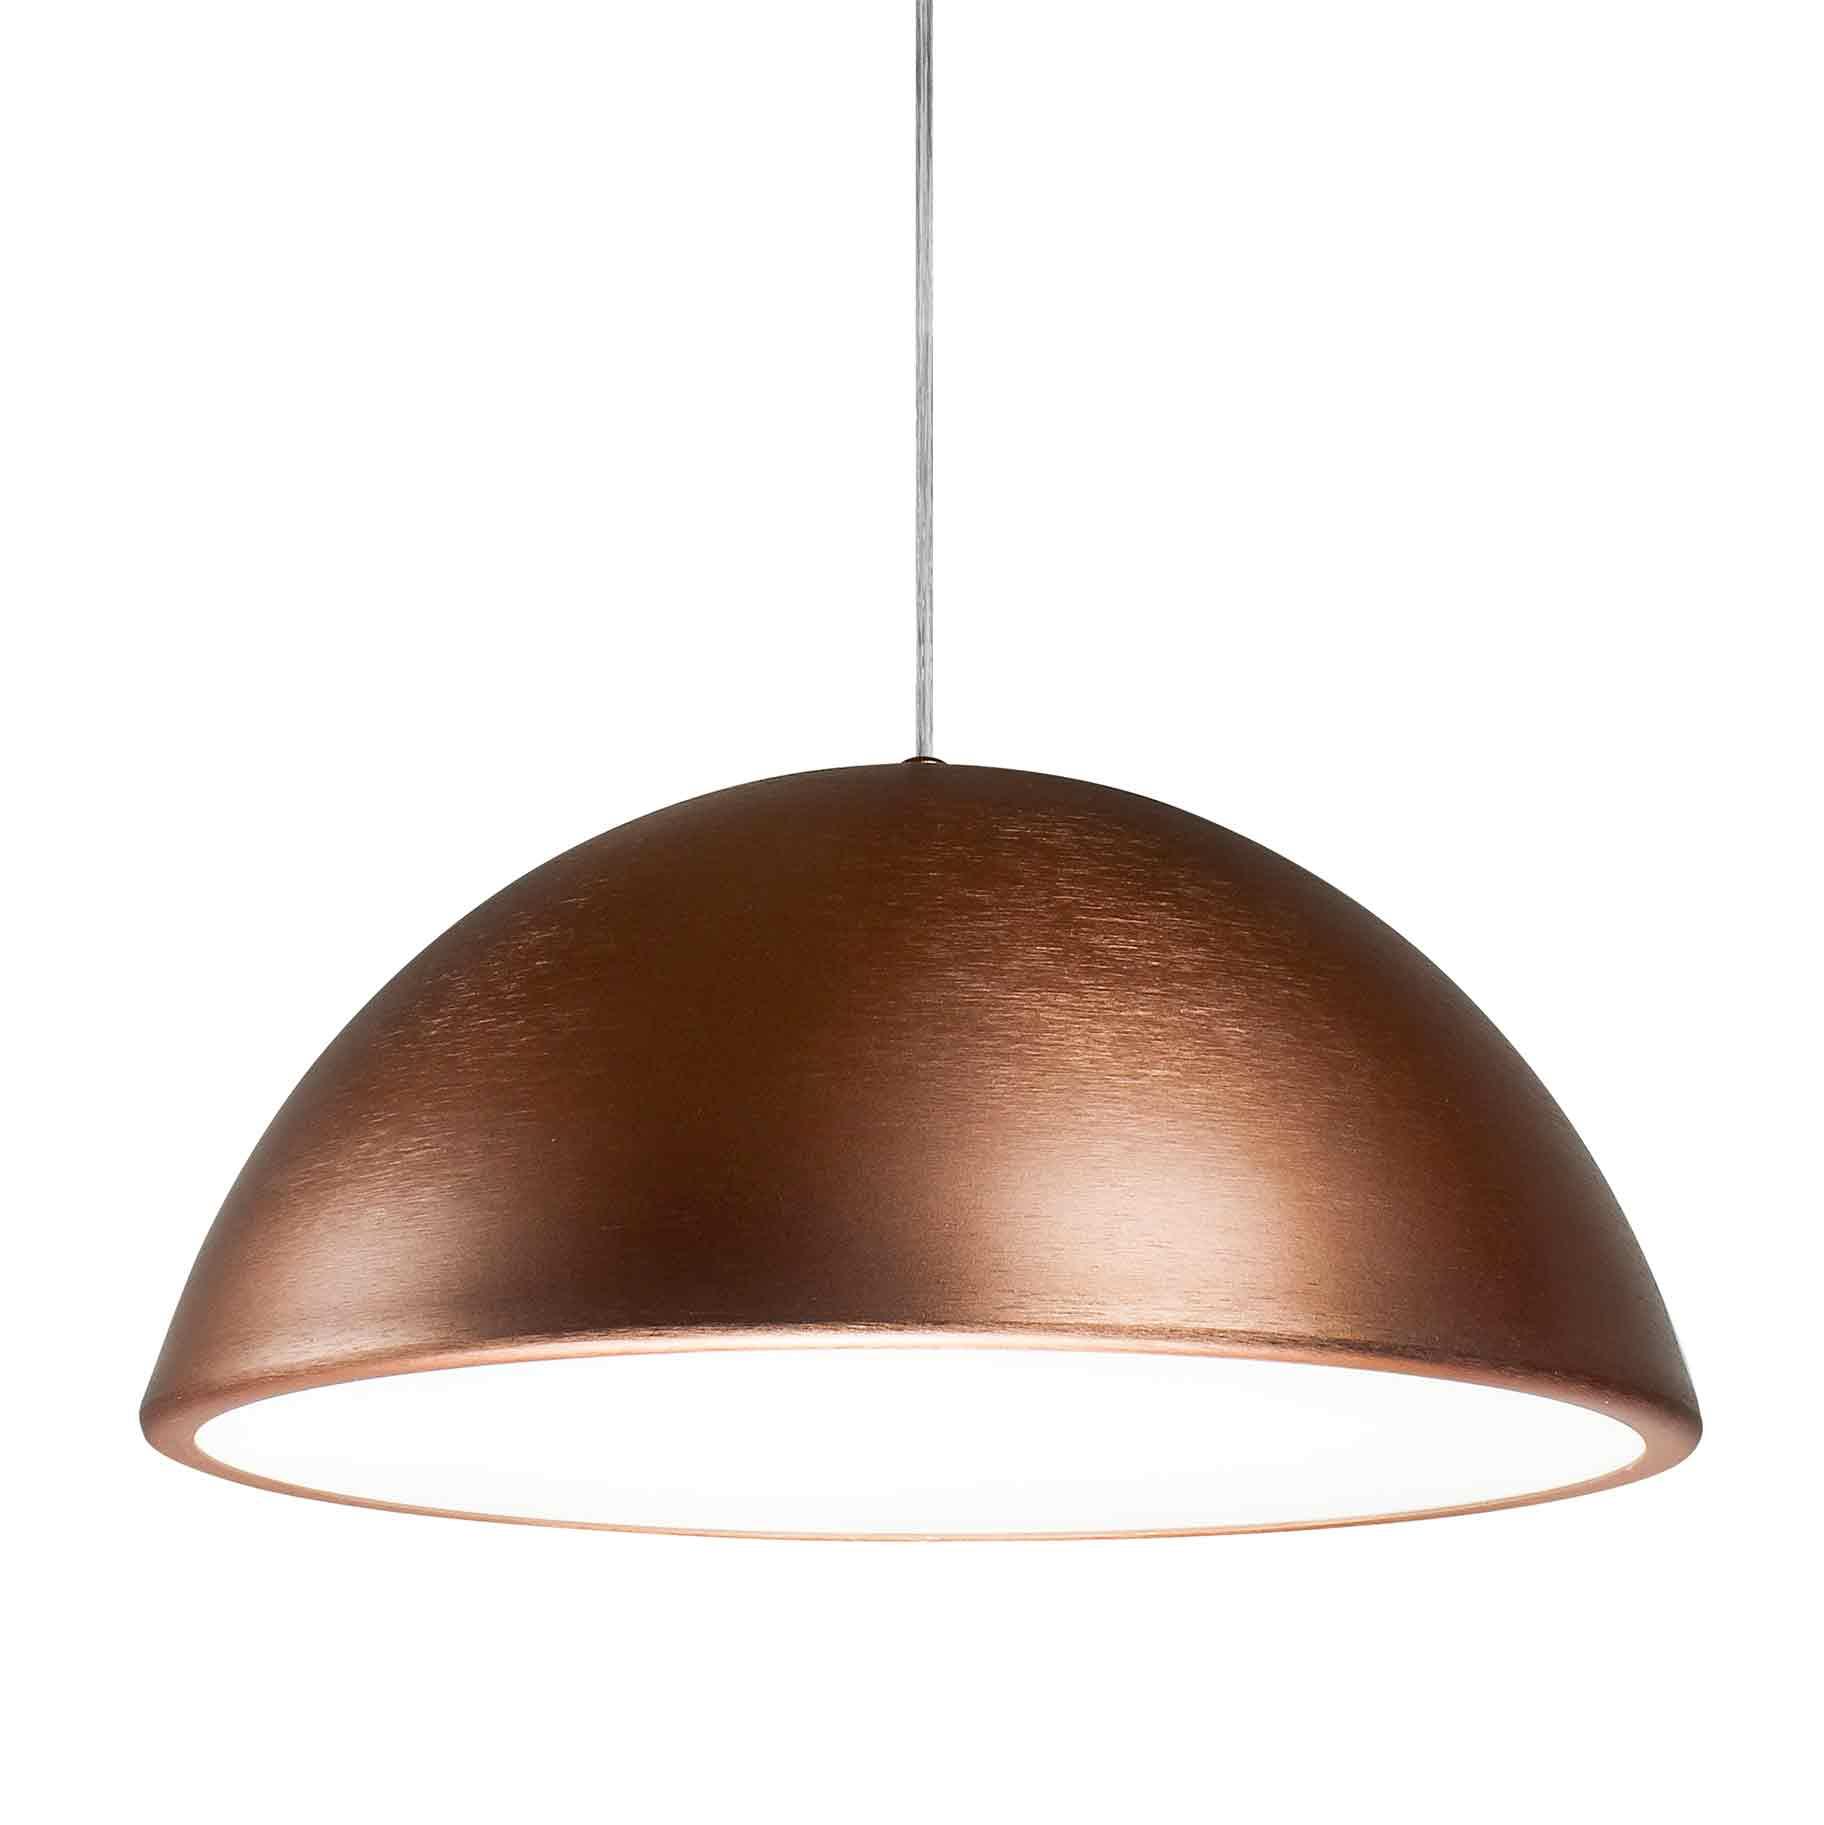 Pendente Sala de Jantar New Round SNT346 redondo / cobre escovado para 2 lâmpadas E27 60cm X 34cm Newline